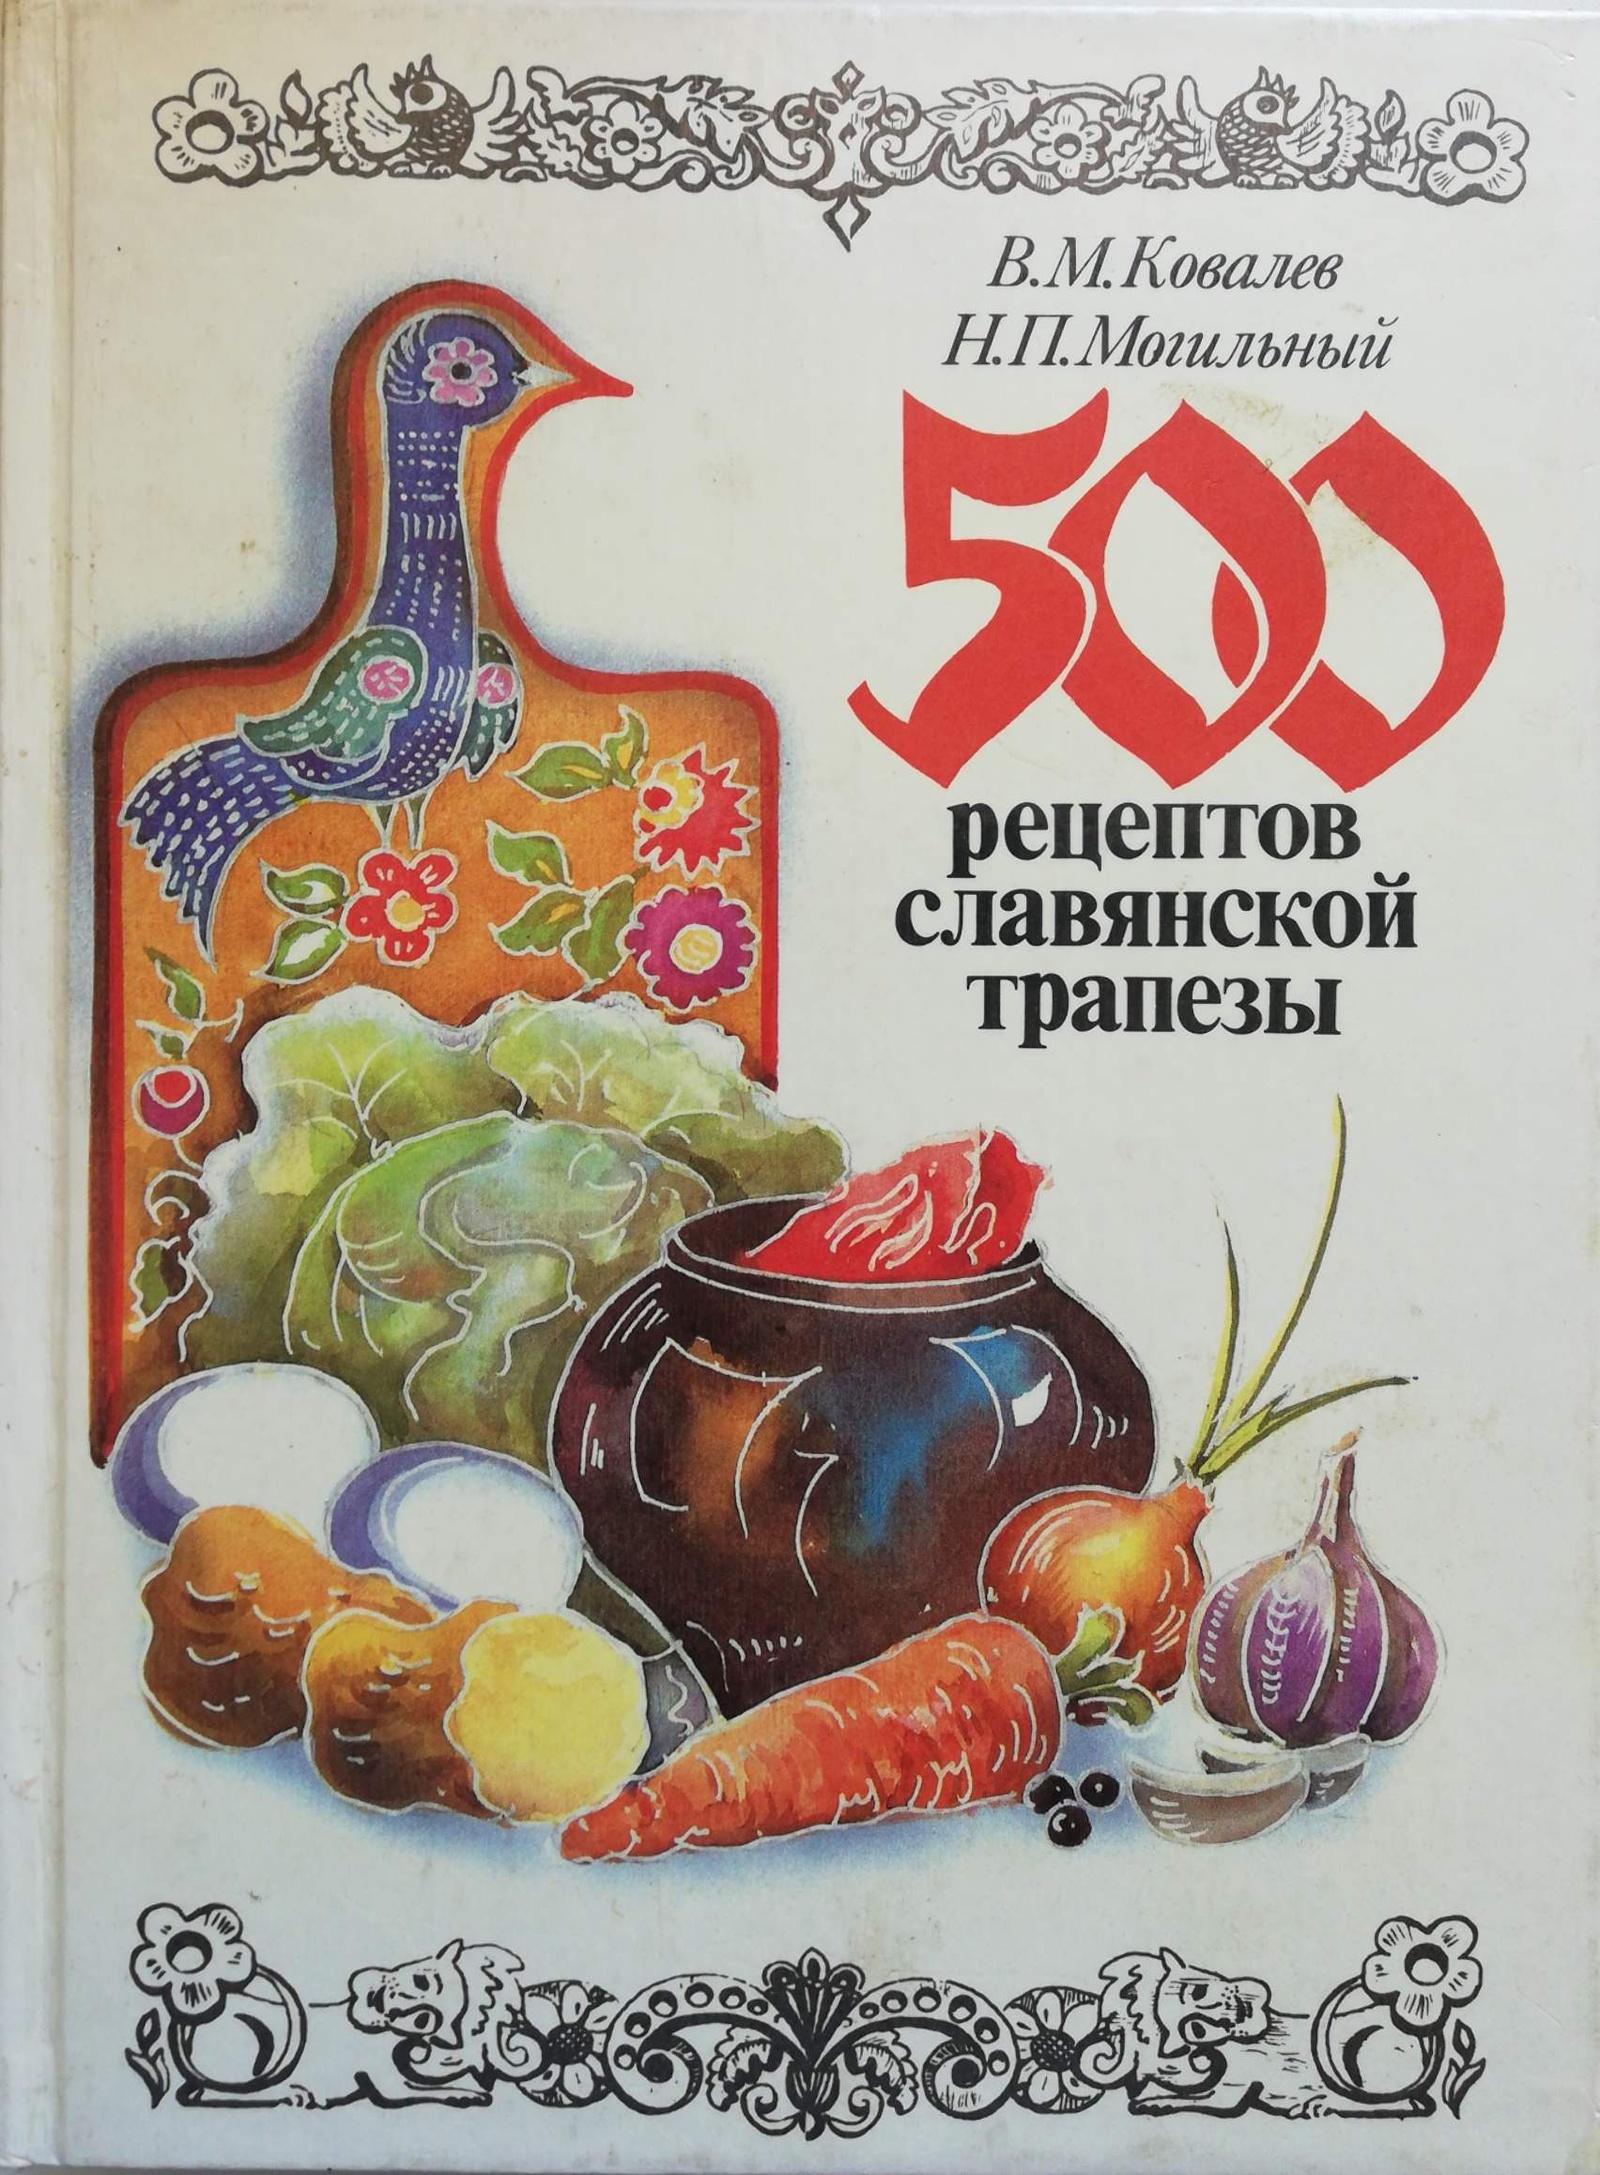 Могильный Николай Петрович, Ковалев Вячеслав Михайлович 500 рецептов славянской трапезы недорого